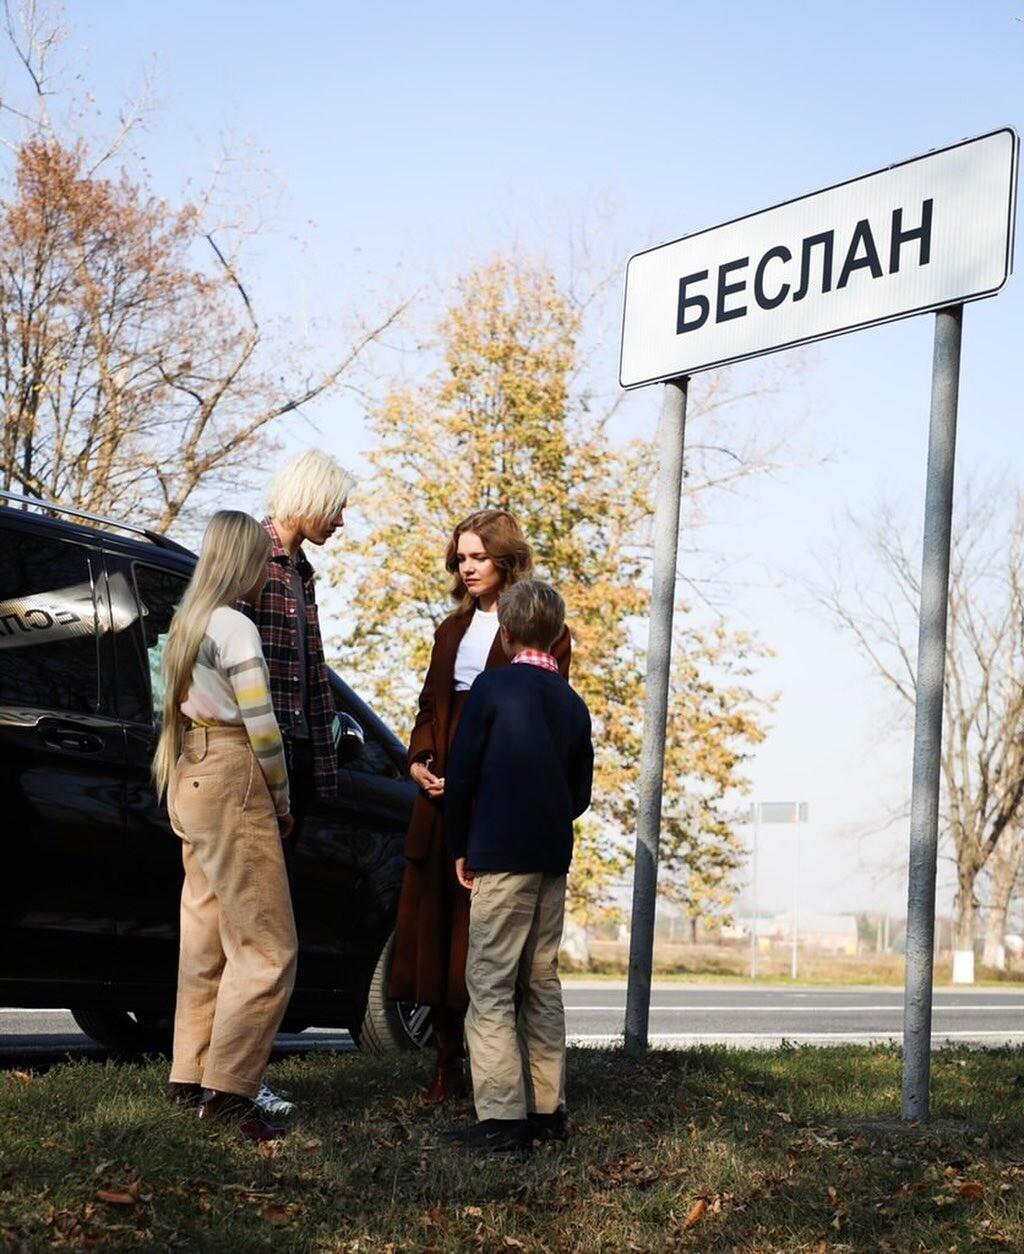 «Последняя остановка»: Наталья Водянова привезла своих детей вБеслан (видео)